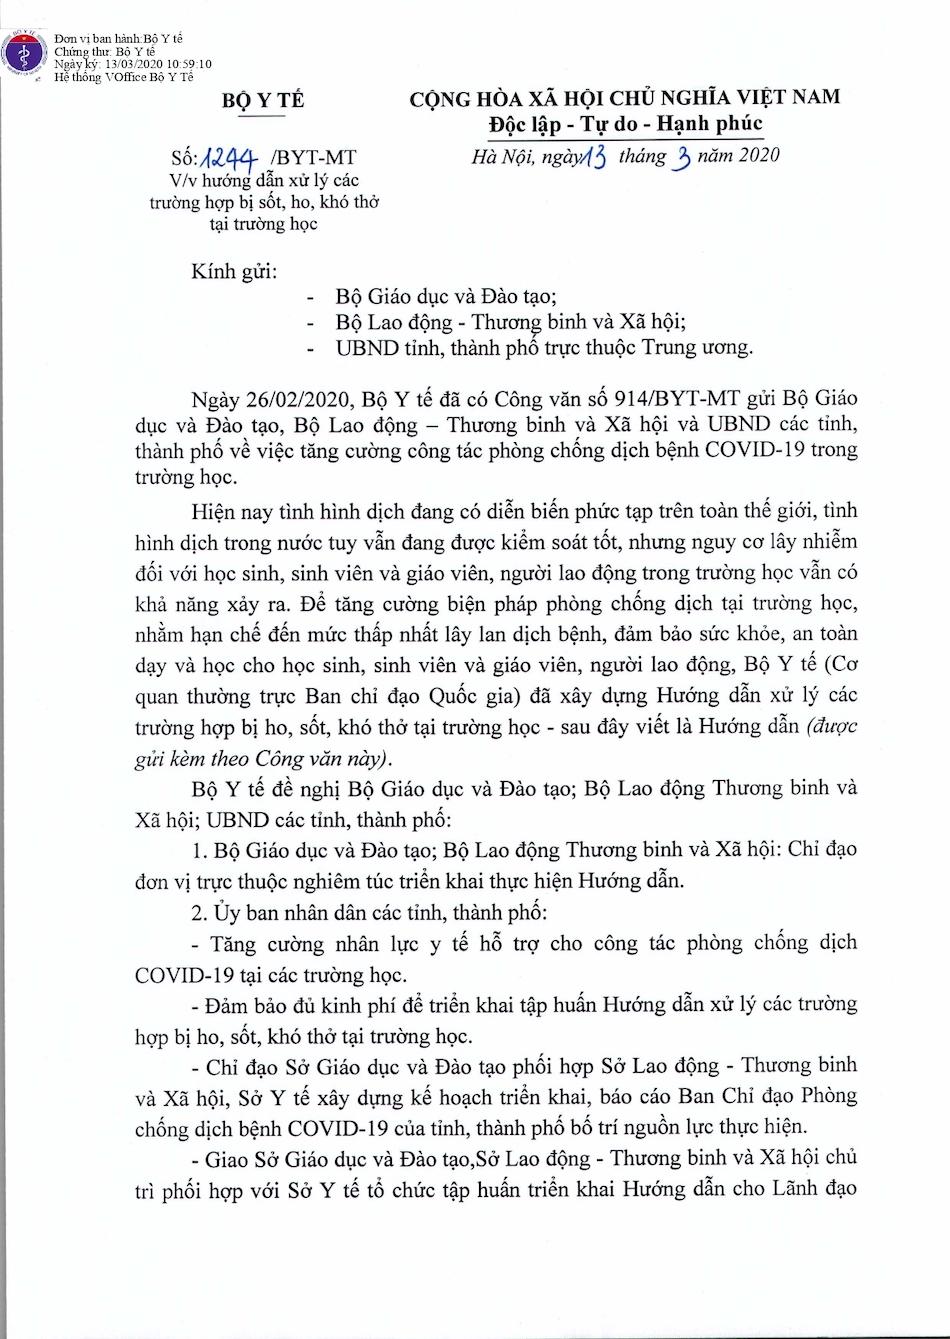 CV 1244 BYT huong dan xu tri sot ho tai truong hoc_page-0001